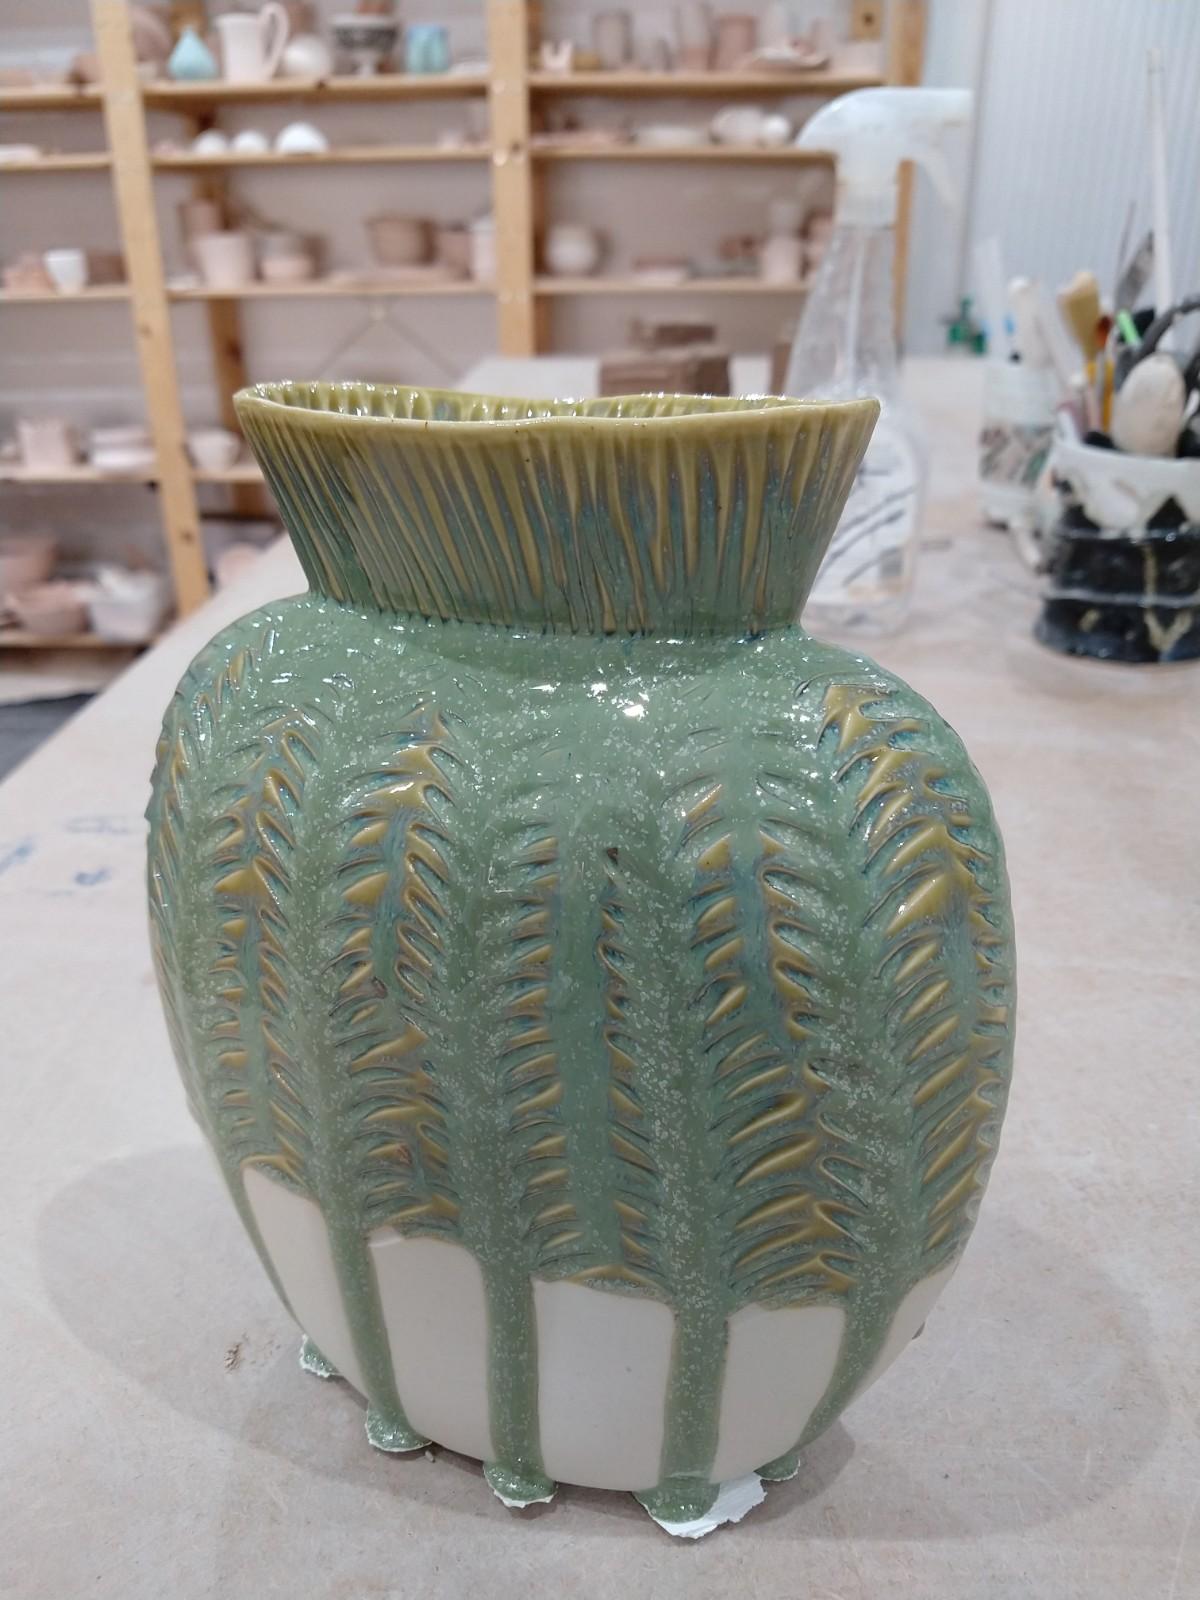 Seafoam on slip cast vase